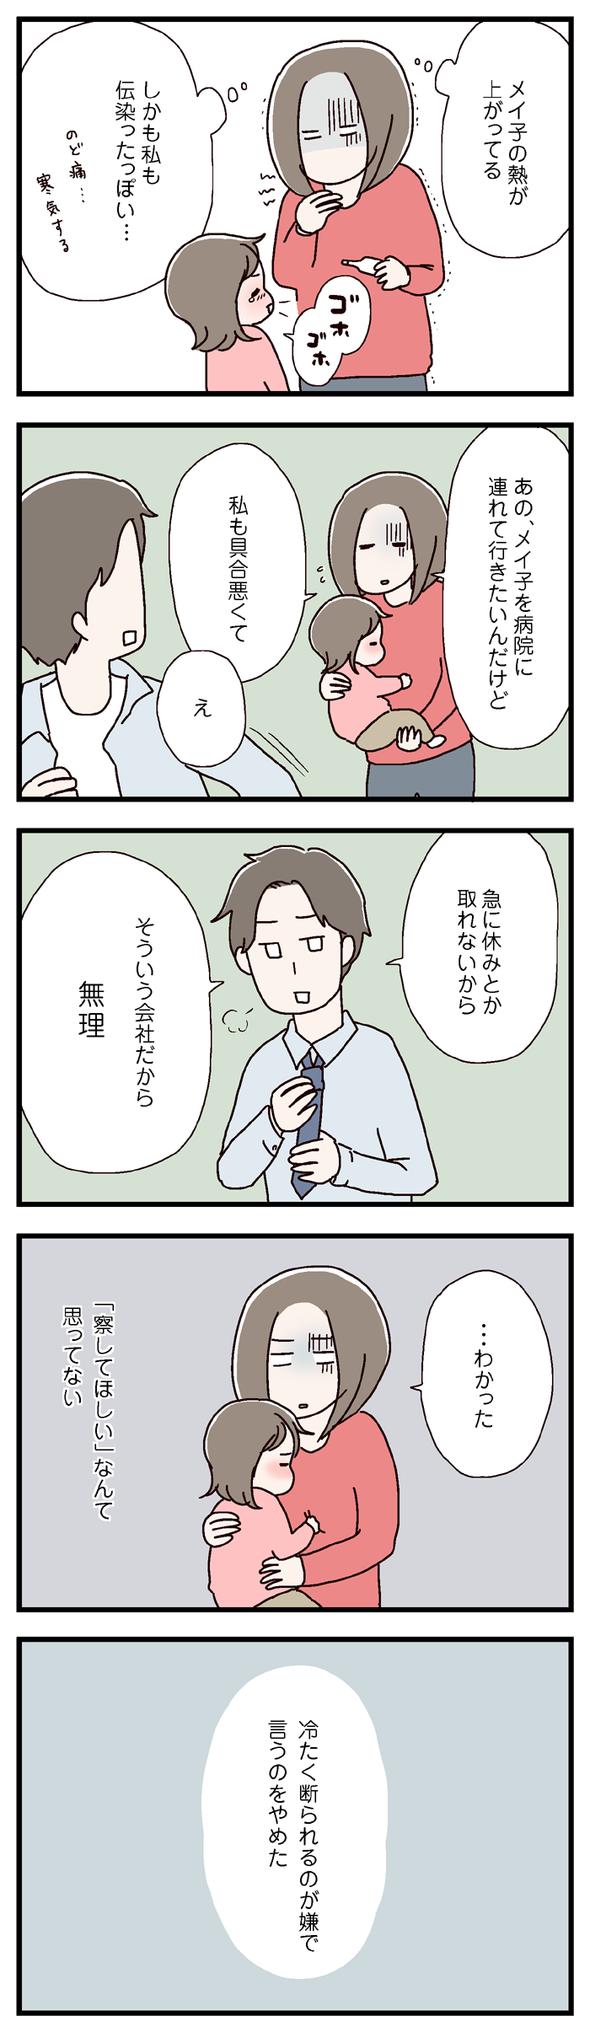 icchomae494